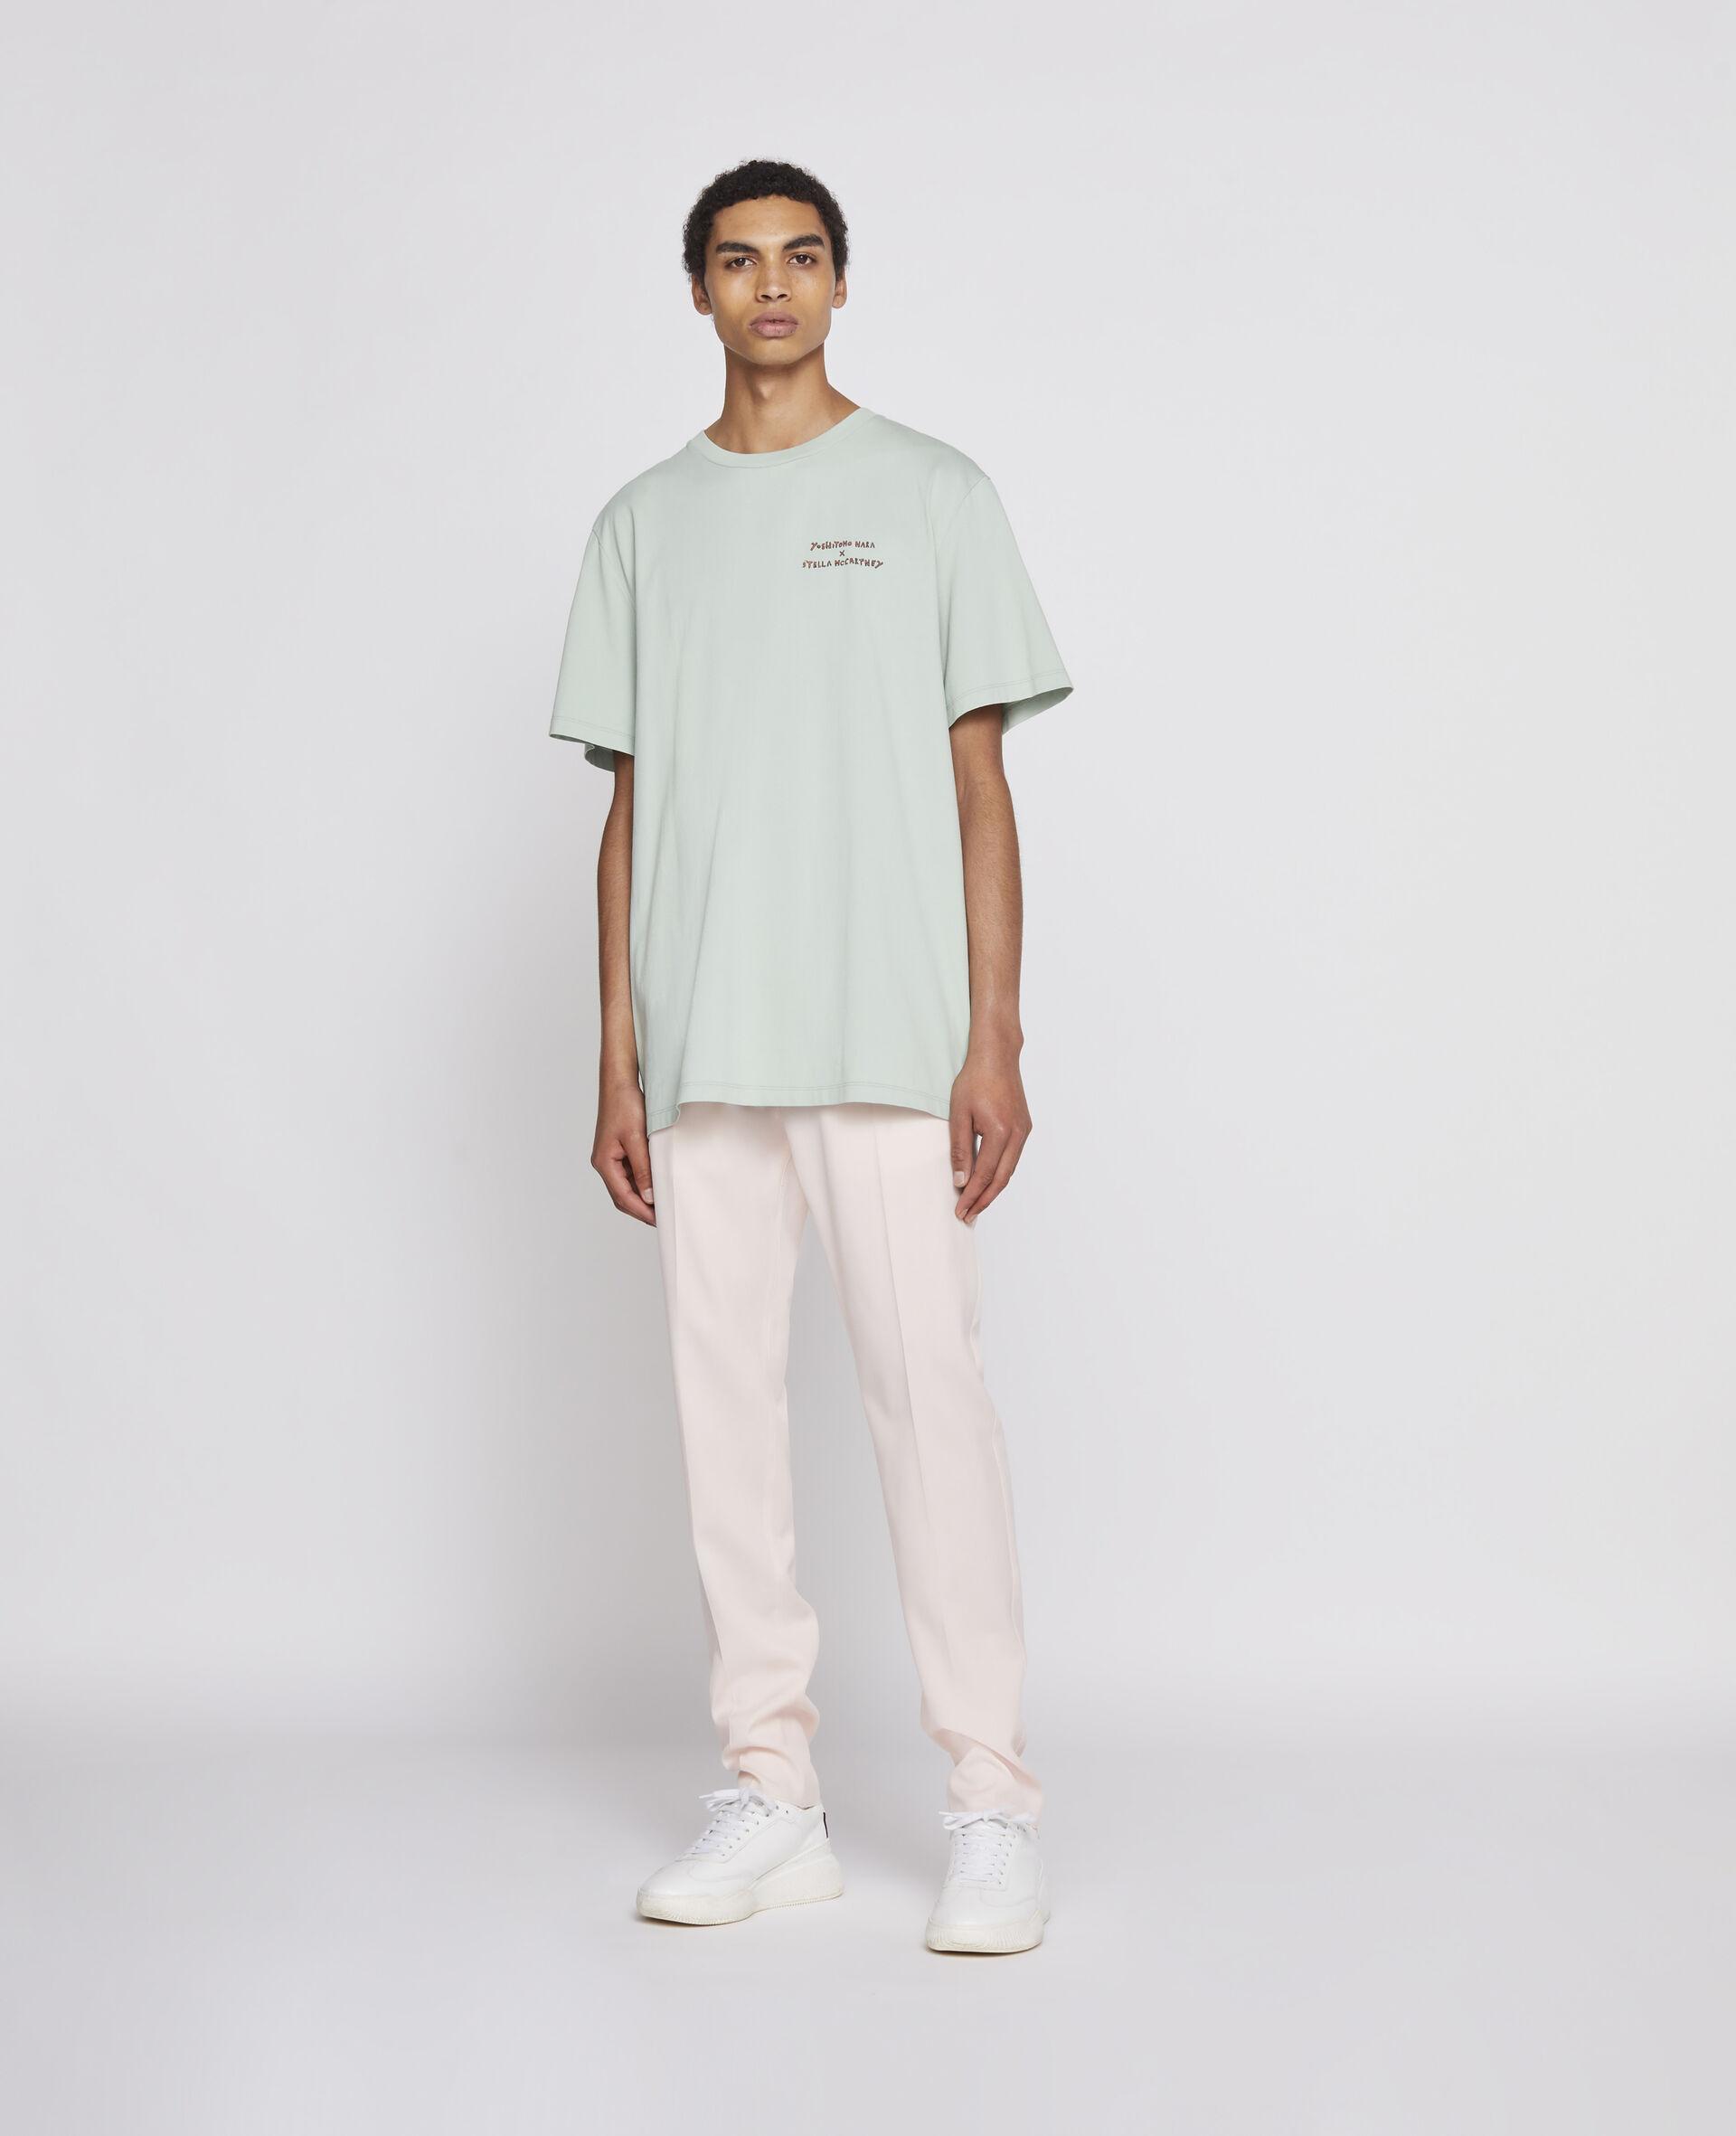 ナラ オーガニック コットン Tシャツ -グリーン-large image number 1